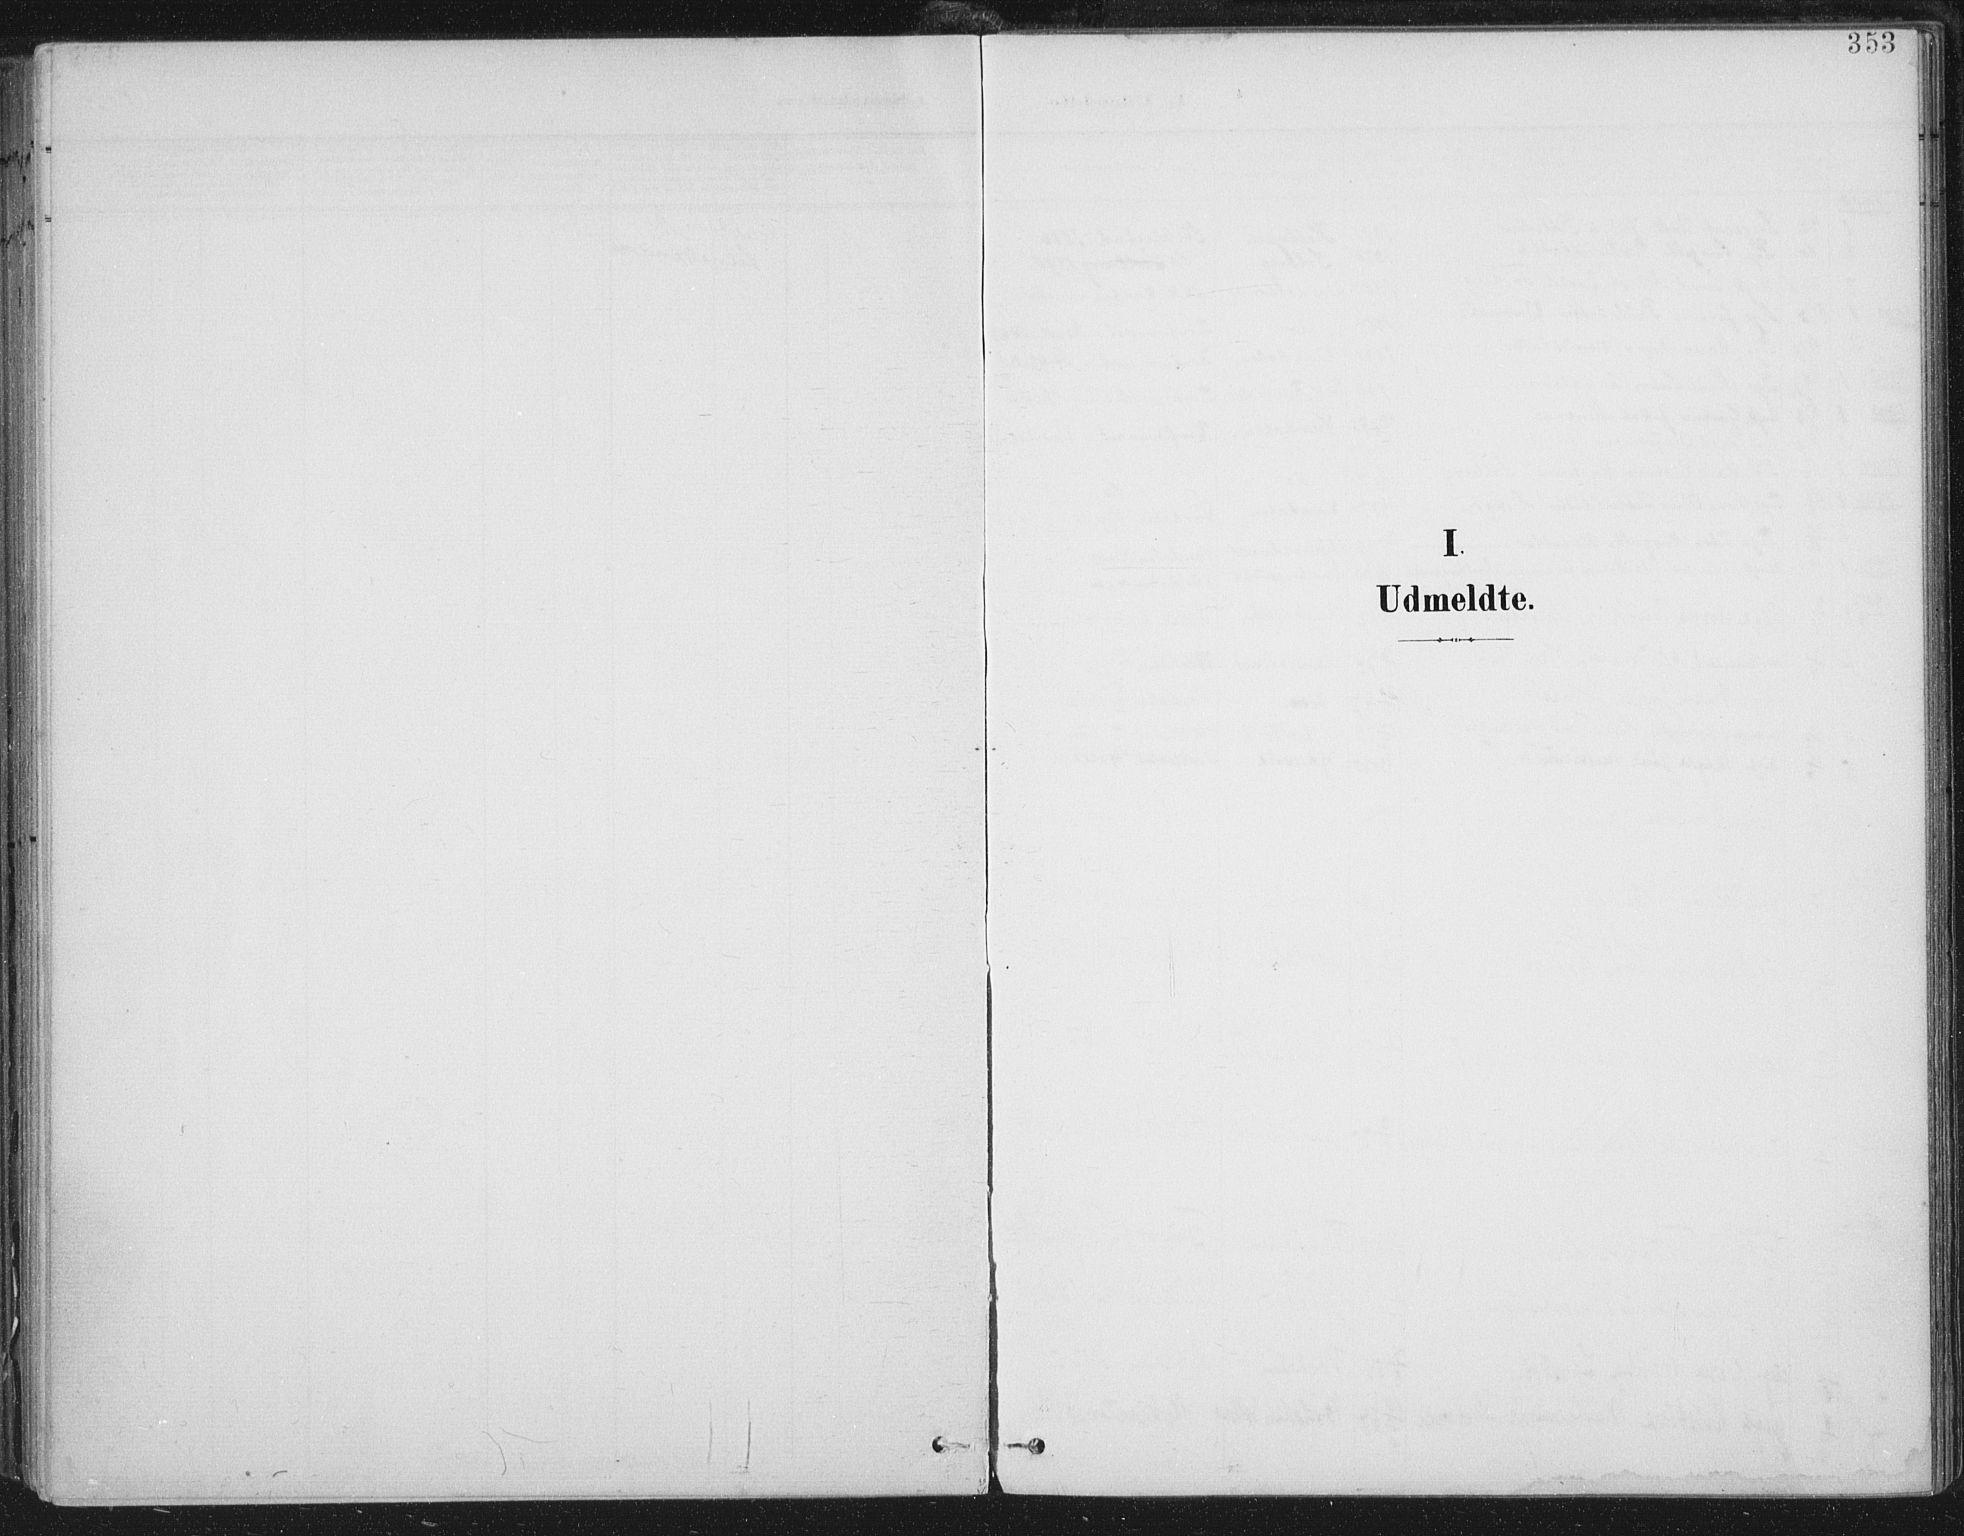 SAT, Ministerialprotokoller, klokkerbøker og fødselsregistre - Nord-Trøndelag, 723/L0246: Ministerialbok nr. 723A15, 1900-1917, s. 353